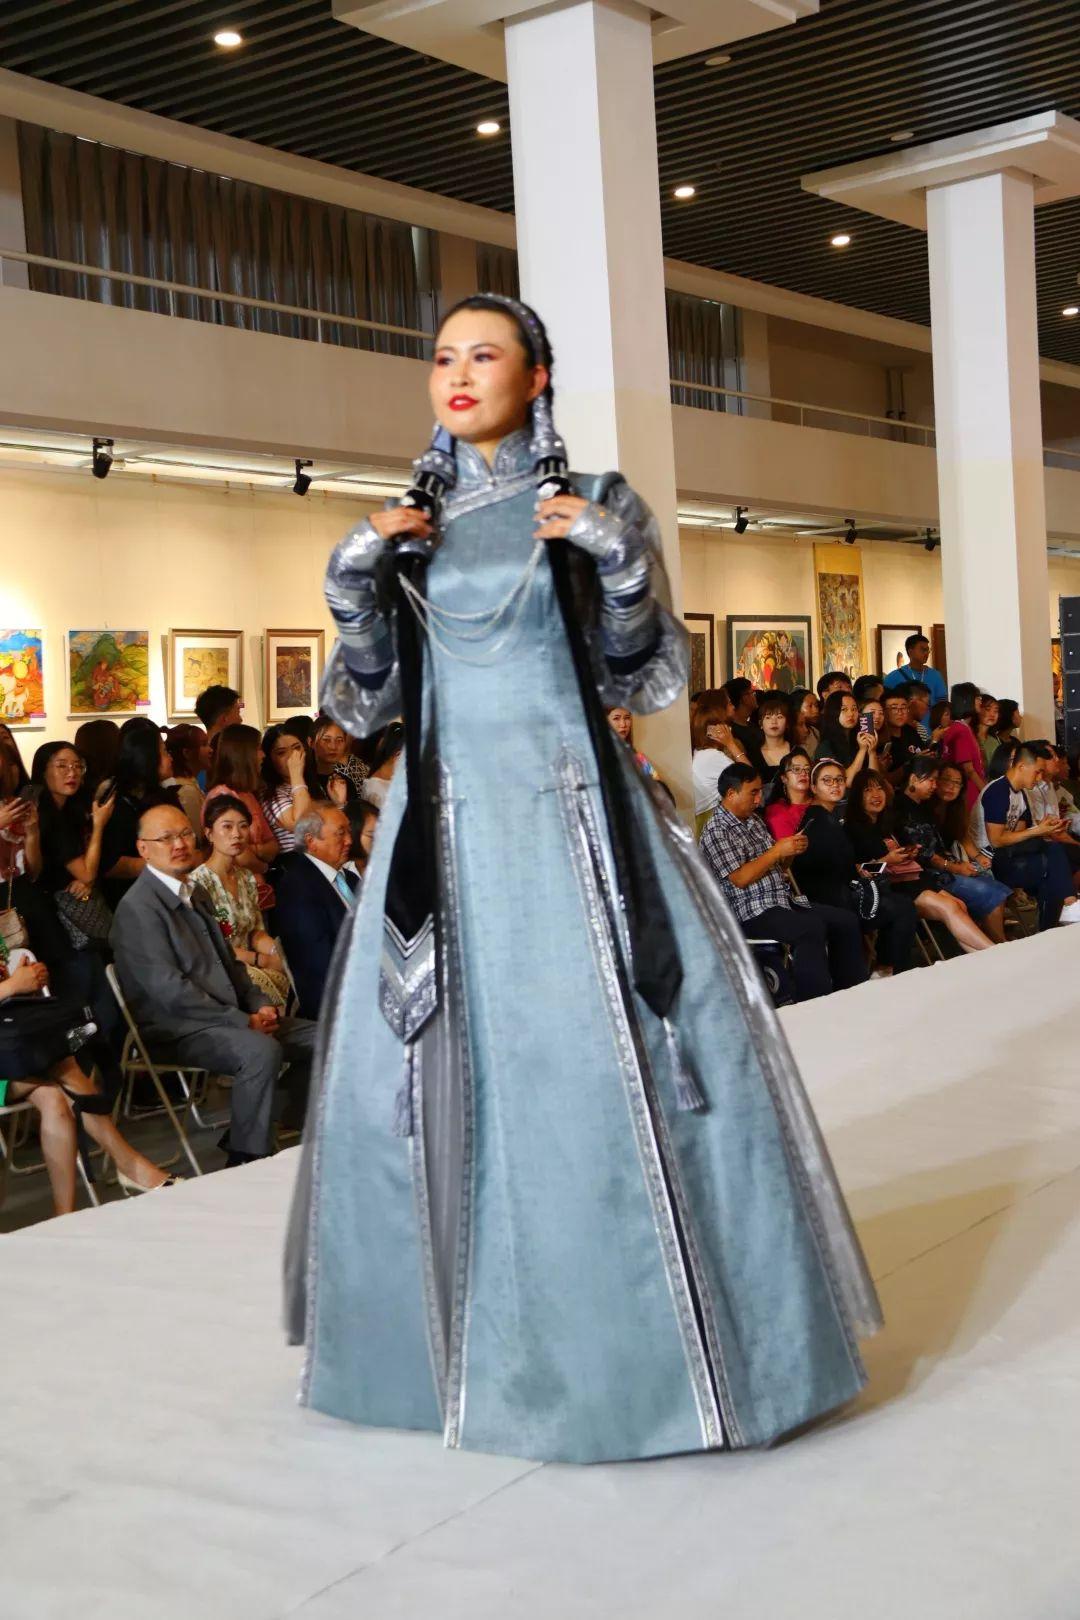 内蒙古大学创业学院与蒙古国高校联合举办设计艺术展 第5张